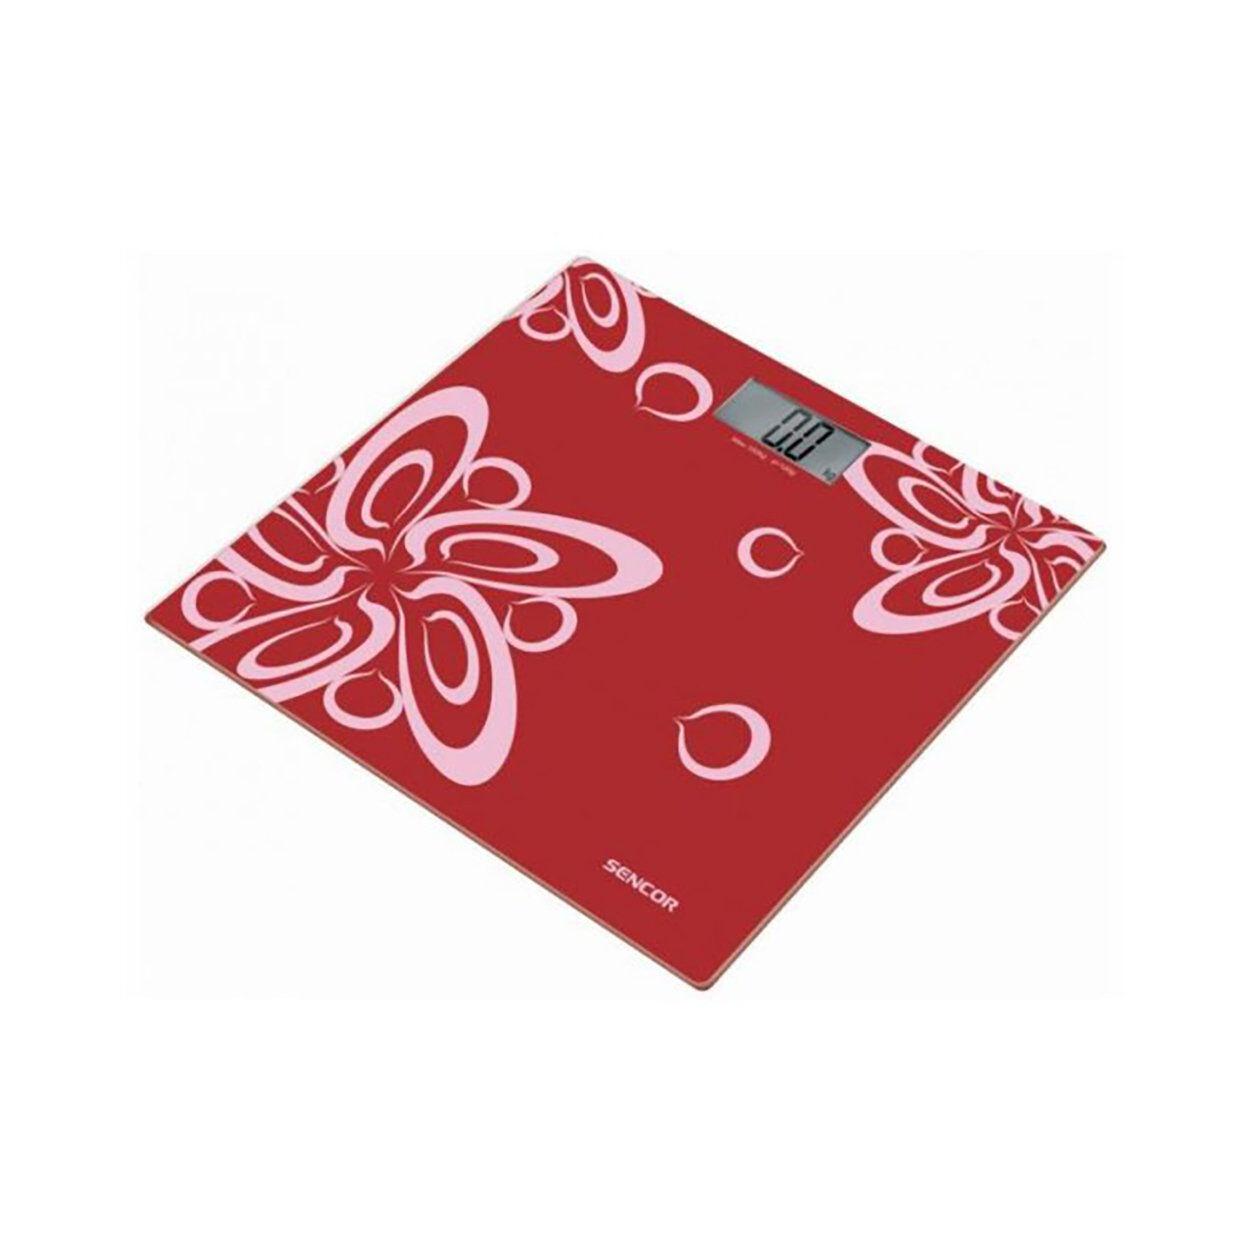 Sencor Bilancia pesapersonedigitale in vetro rosso decoro fiori